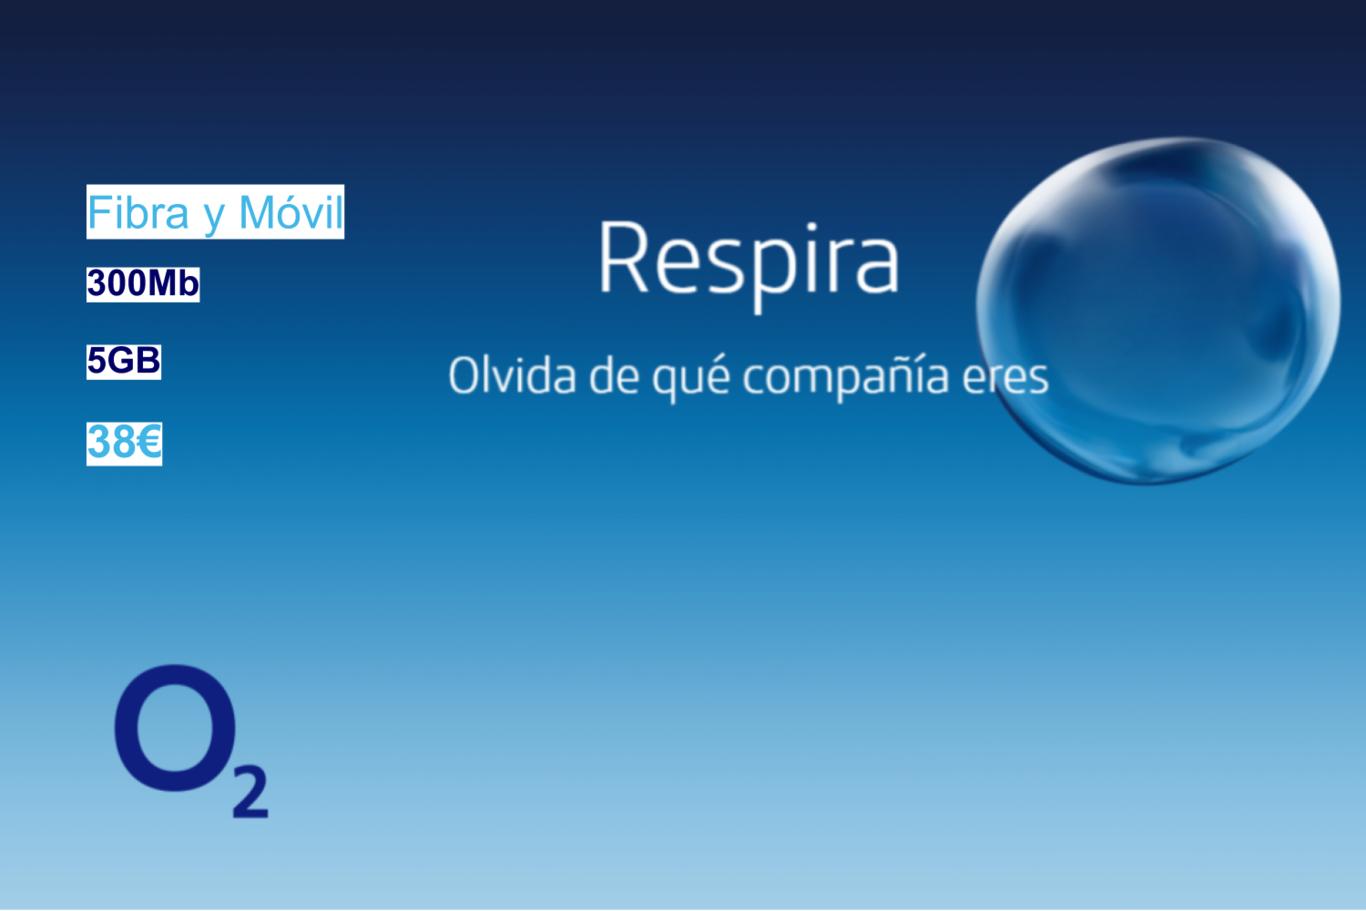 O2 estrena tarifa de fibra a 300 Mbps, fijo y móvil con 5 GB por 38 euros